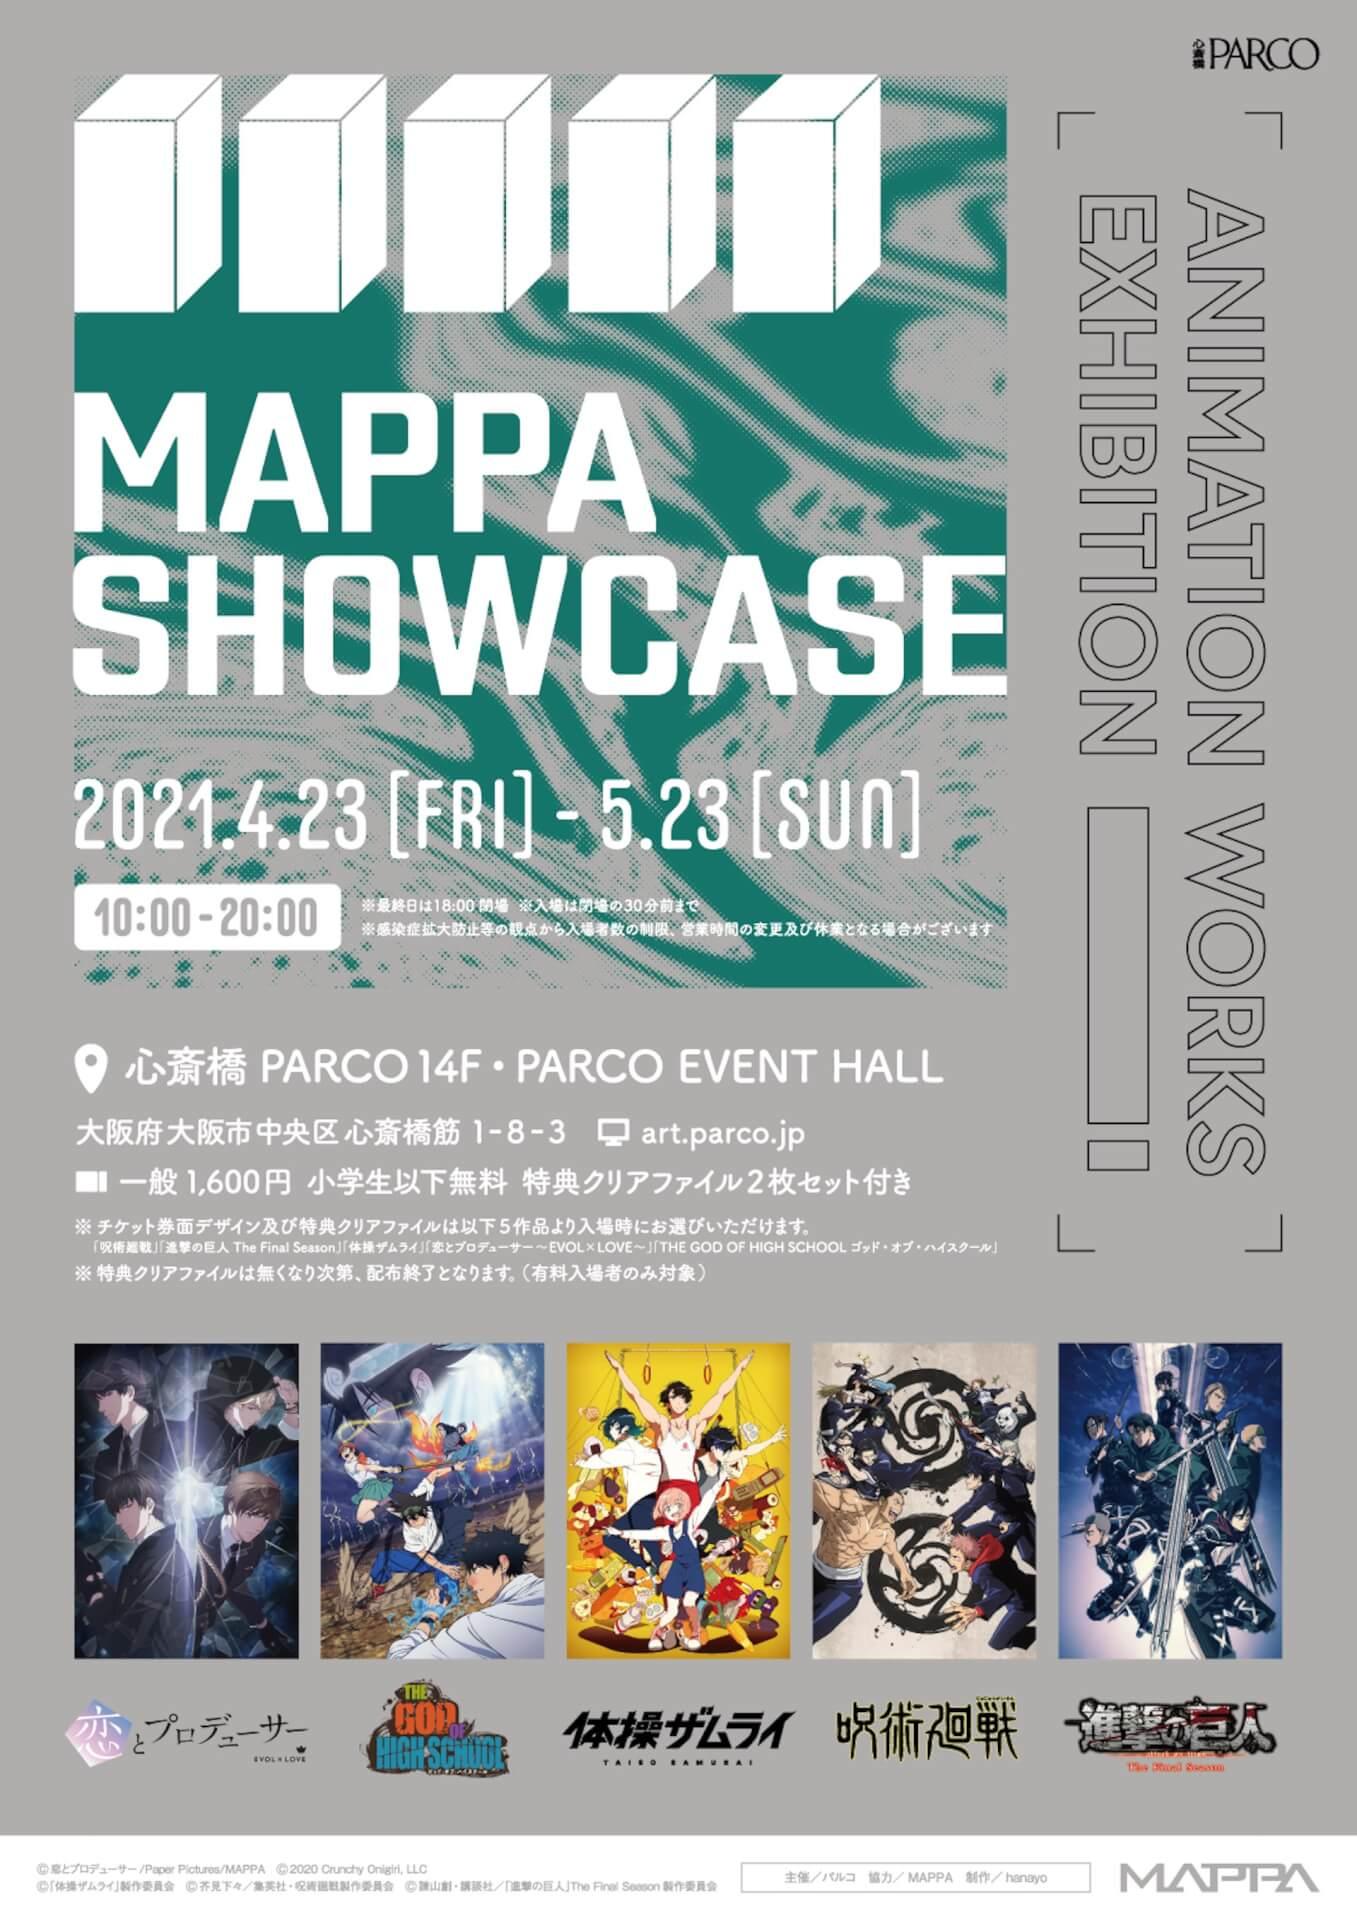 【大阪】MAPPA SHOWCASE in 心斎橋:2021年4月23日(金)〜5月23日(日)